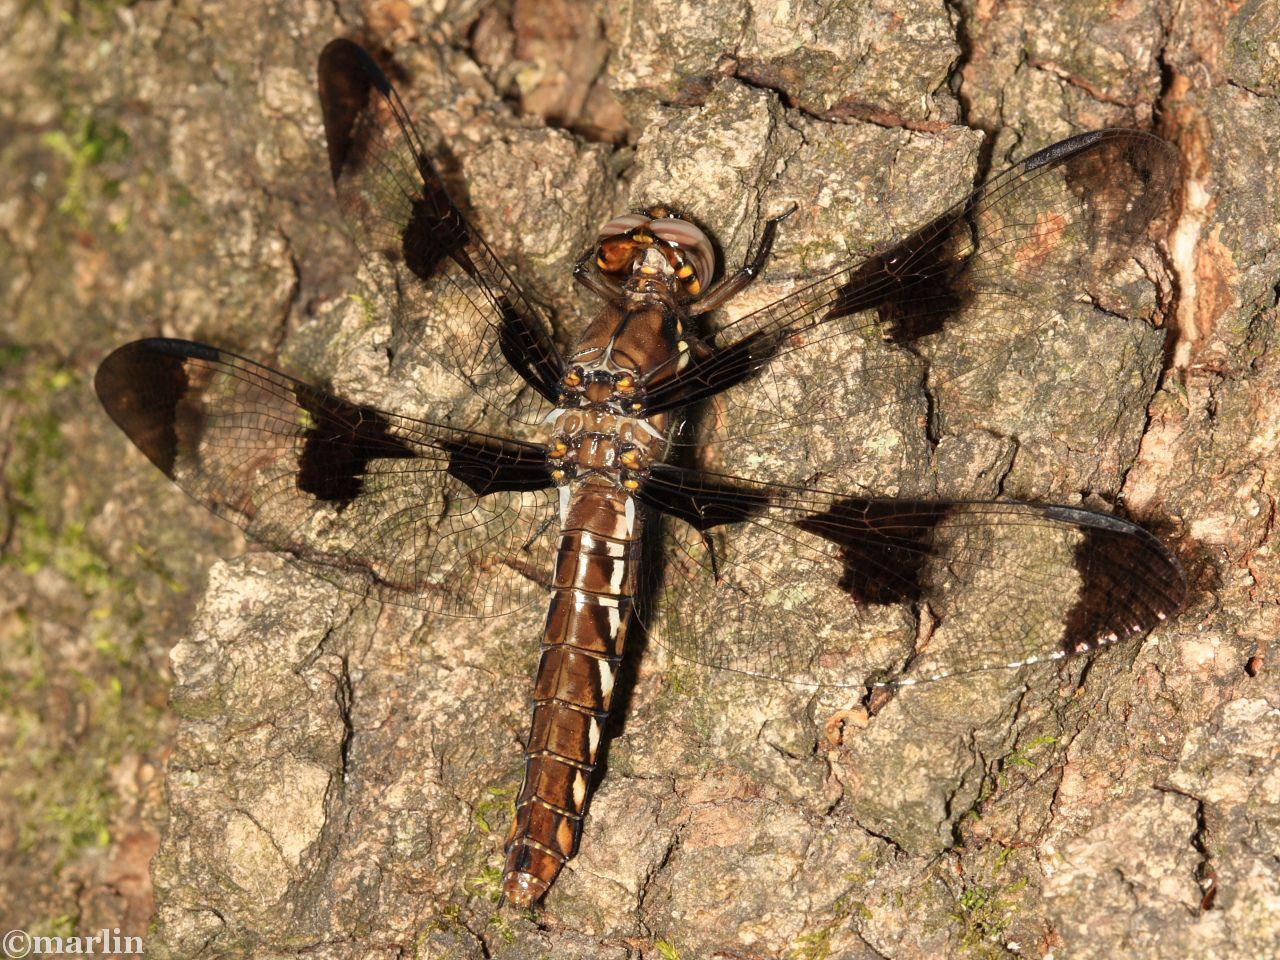 Common Whitetail Dragonfly - Plathemis lydia